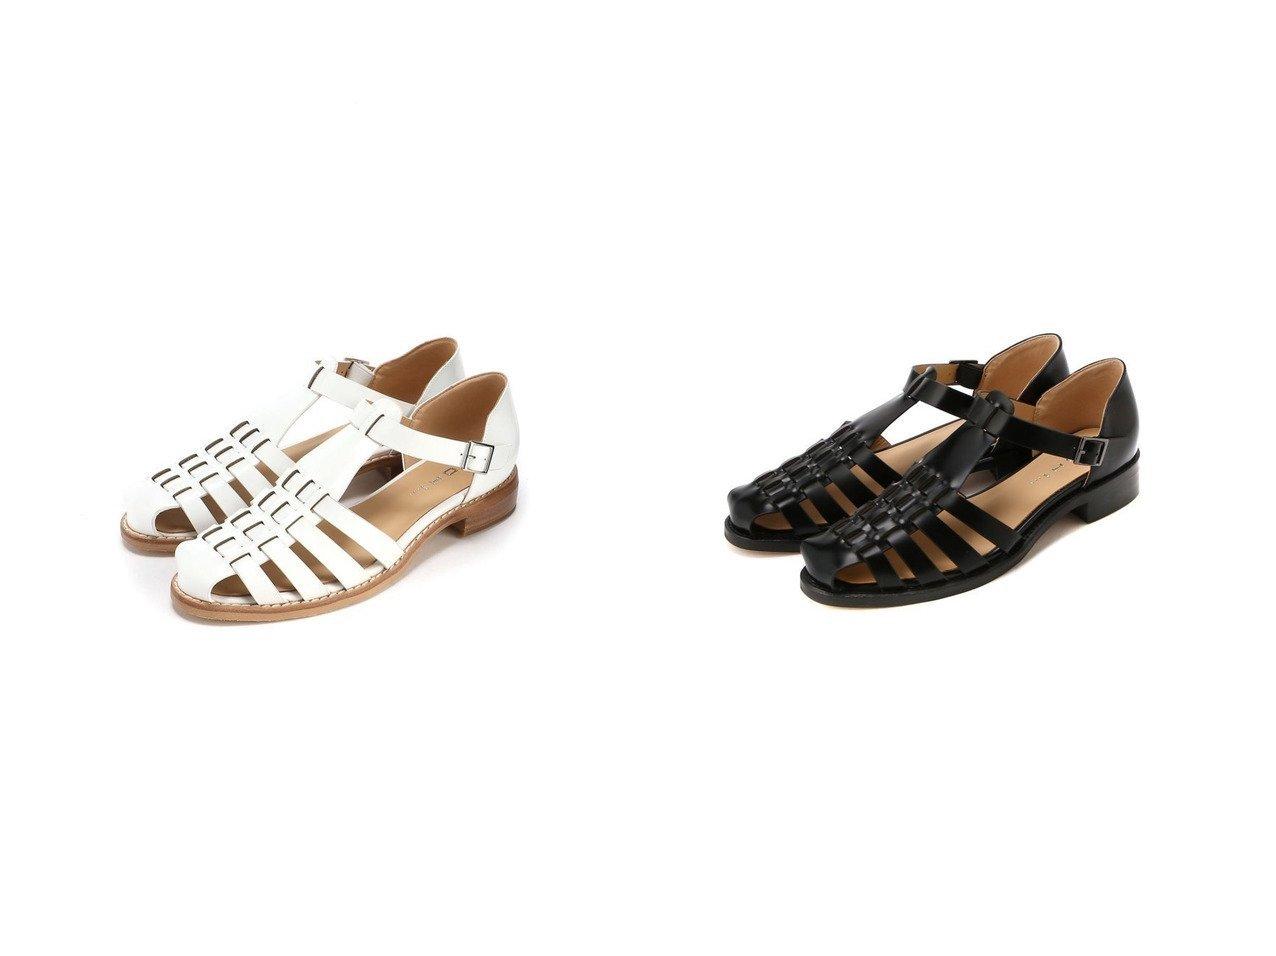 【MOHI/モヒ】のMOHI グルカサンダル 【シューズ・靴】おすすめ!人気、トレンド・レディースファッションの通販 おすすめで人気の流行・トレンド、ファッションの通販商品 メンズファッション・キッズファッション・インテリア・家具・レディースファッション・服の通販 founy(ファニー) https://founy.com/ ファッション Fashion レディースファッション WOMEN NEW・新作・新着・新入荷 New Arrivals 2021年 2021 2021春夏・S/S SS/Spring/Summer/2021 S/S・春夏 SS・Spring/Summer サンダル シューズ ジュート スマート フォルム ミュール 人気 春 Spring |ID:crp329100000030412